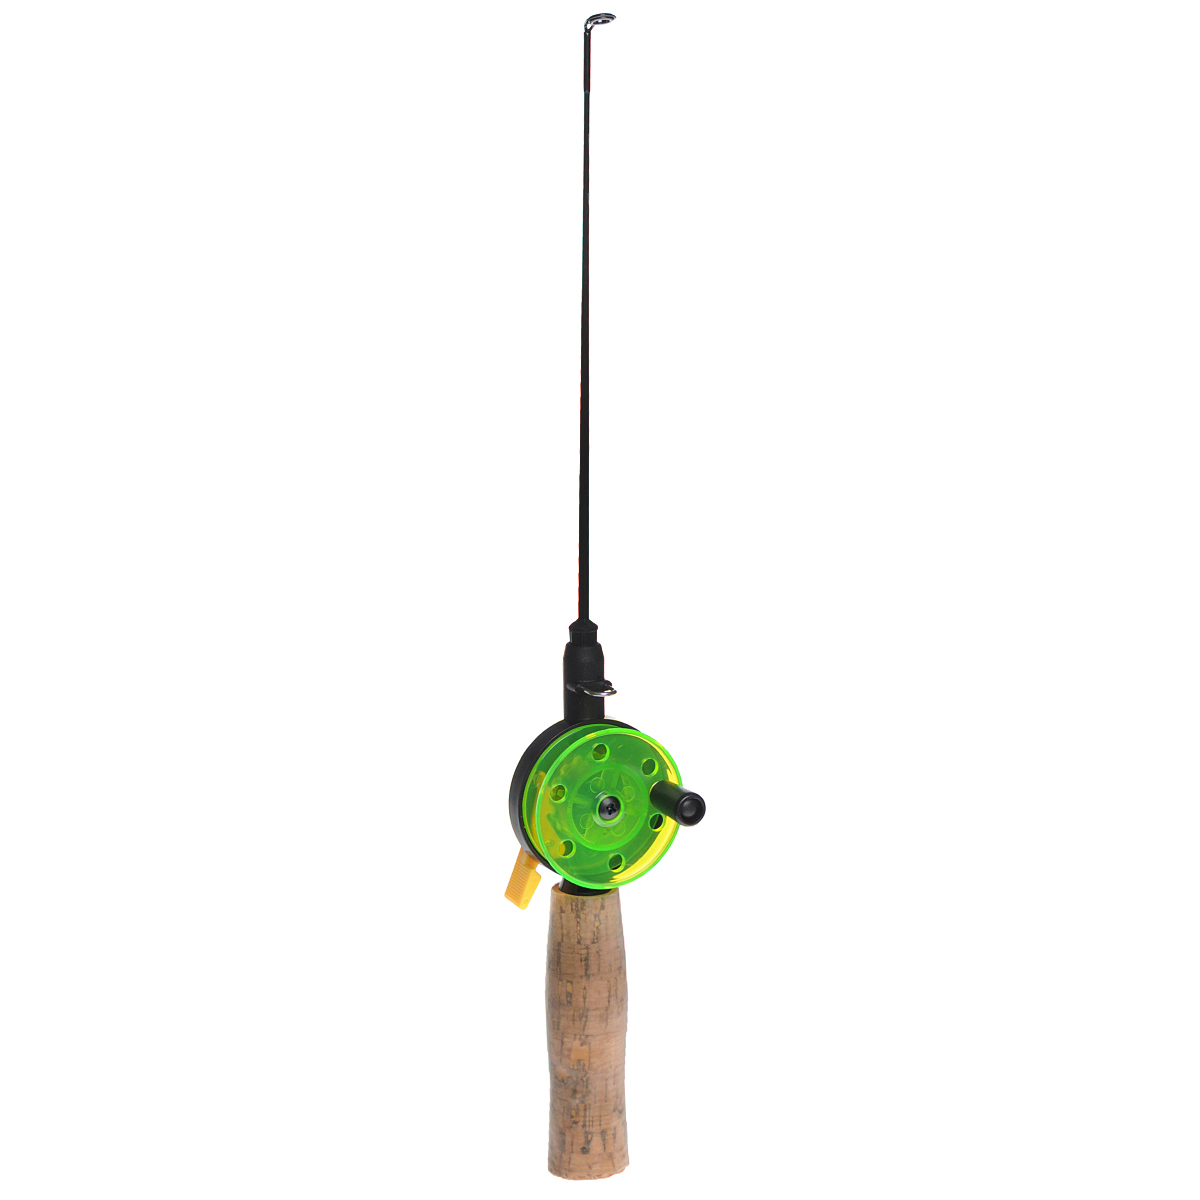 Удочка зимняя SWD HR106A, цвет: черный, зеленый, 37 см. BJX0104 удочка зимняя akara 1808504 пробковая ручка с хлыстом ql d25 без тюльпана